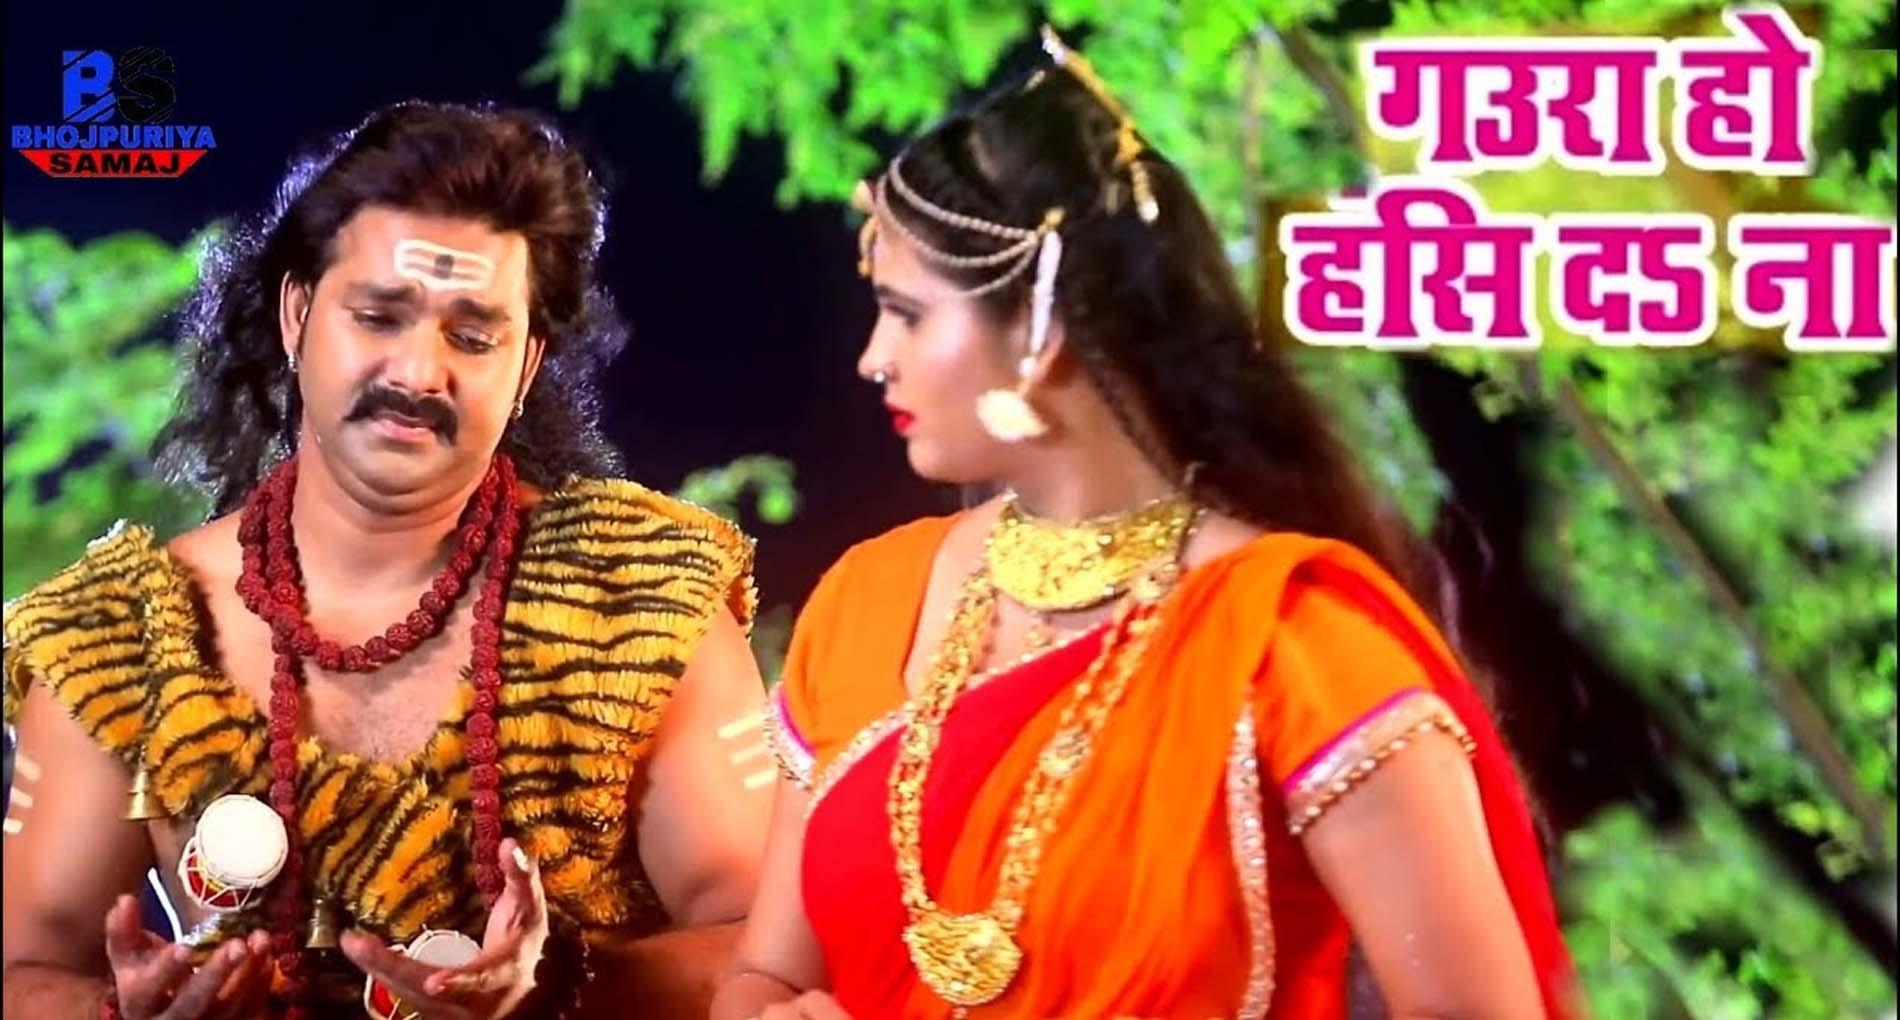 Pawan Singh Sawan Song: सावन में पवन सिंह का कांवर गीत 'गउरा हो हंस द ना' हुआ हिट, देखें वीडियो